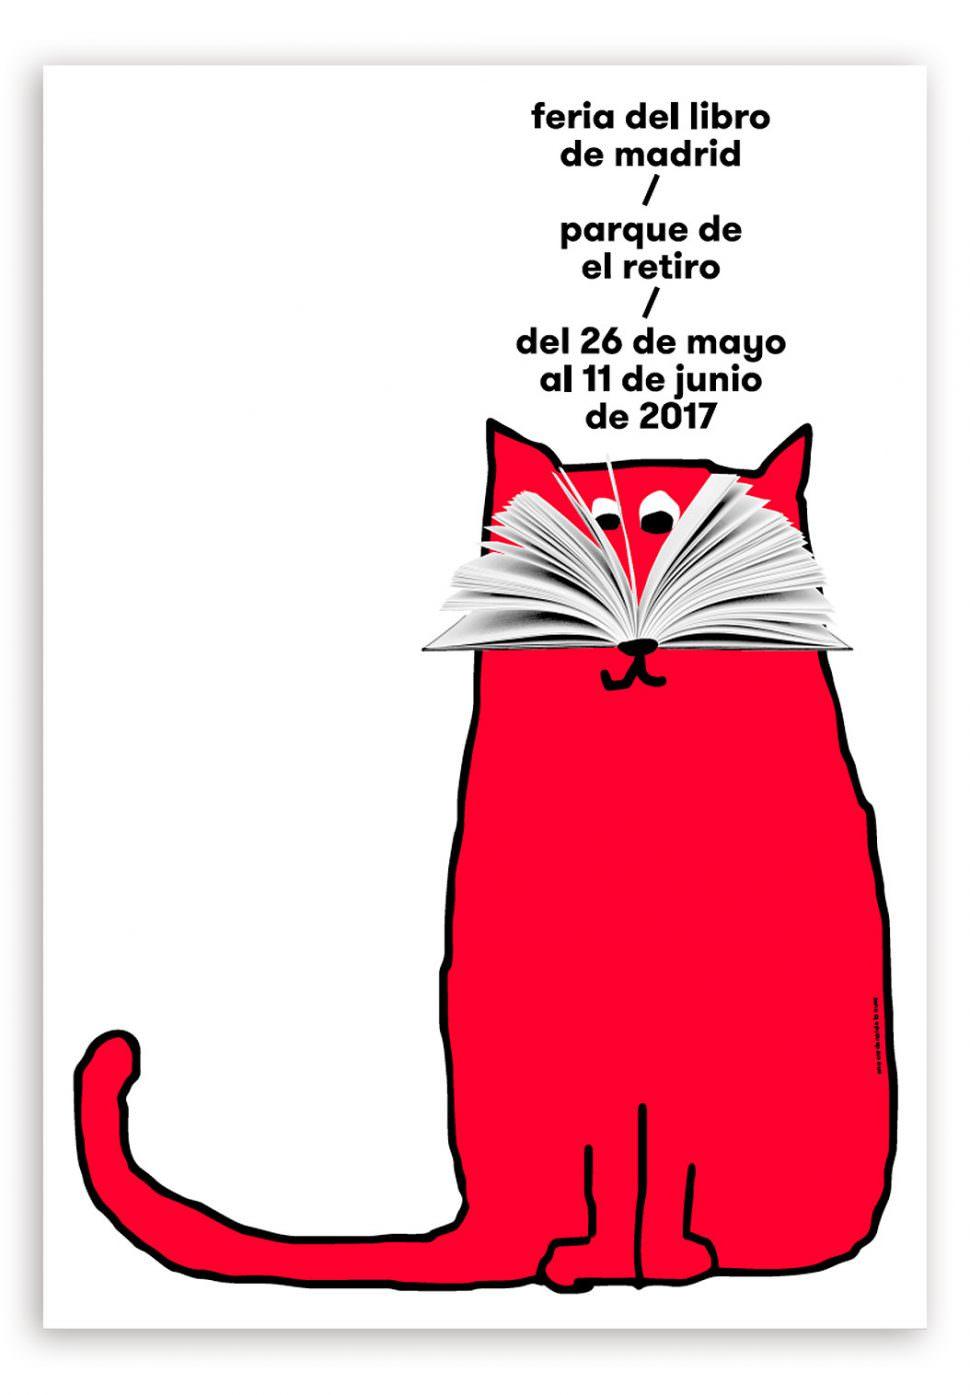 cartel de la feria del libro de Madrid 2017 diseñado por Ena Cardenal de la Nuez